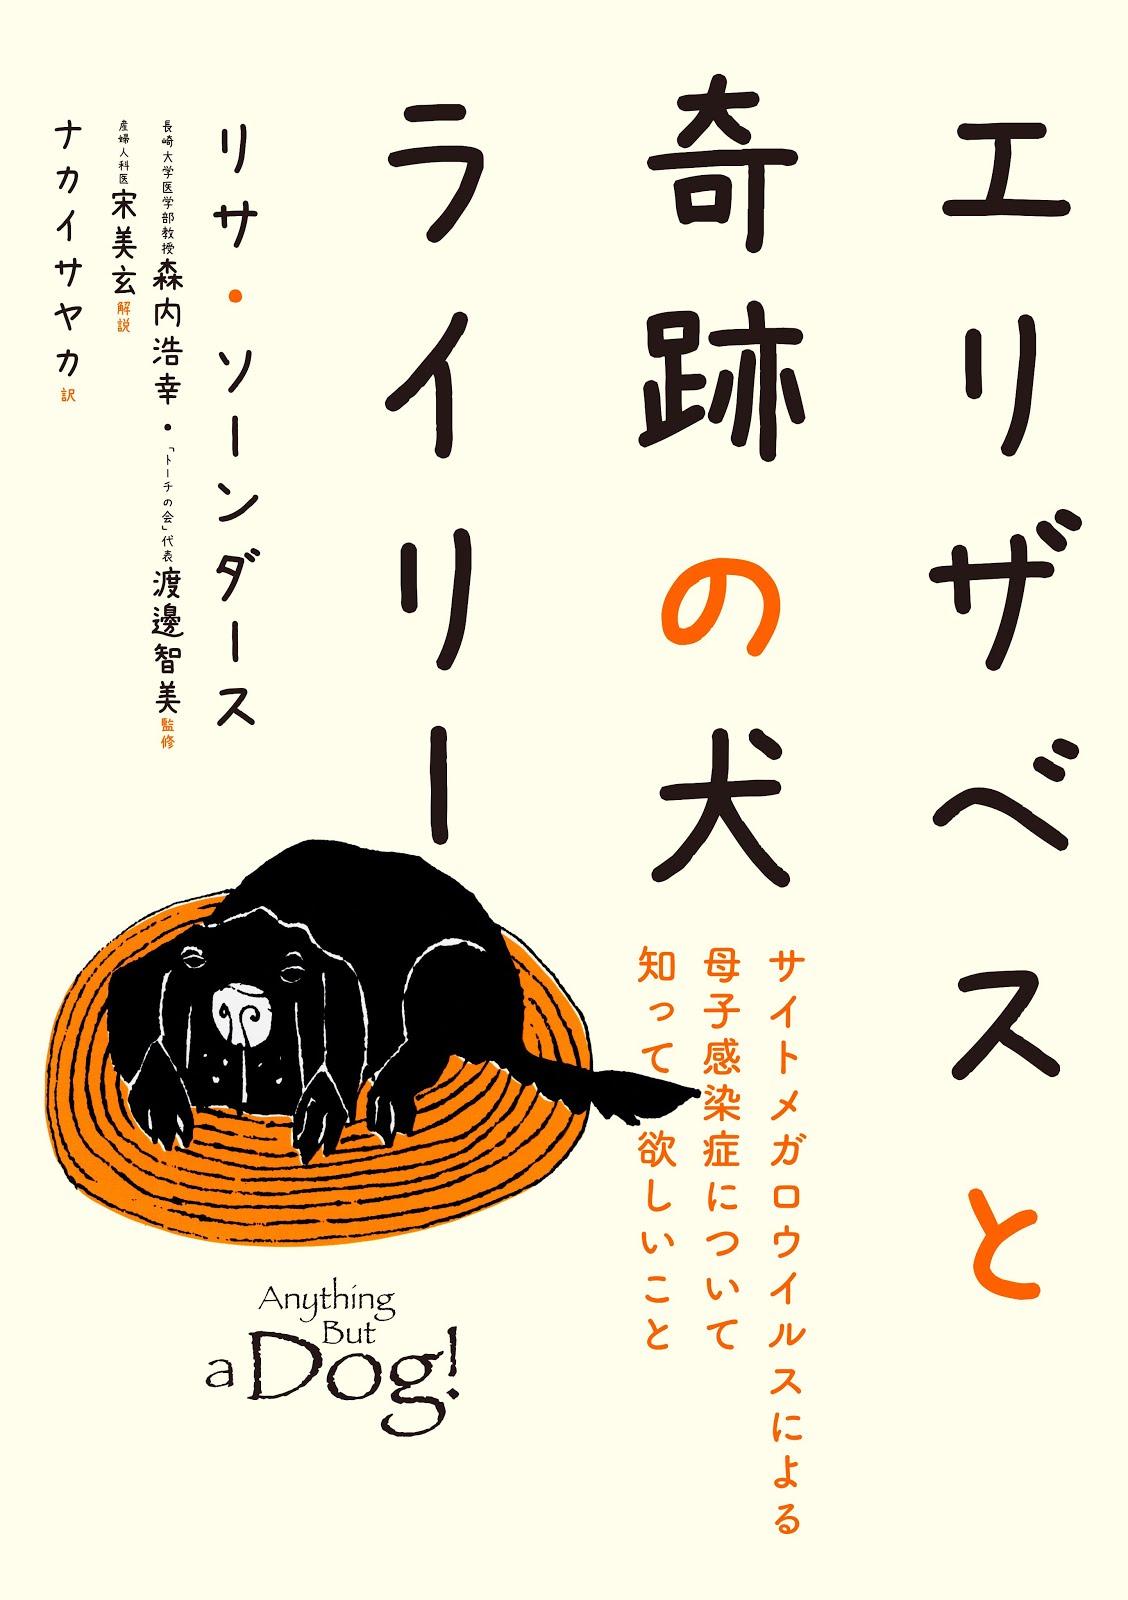 Japan Translates U.S. CMV Mom's Book